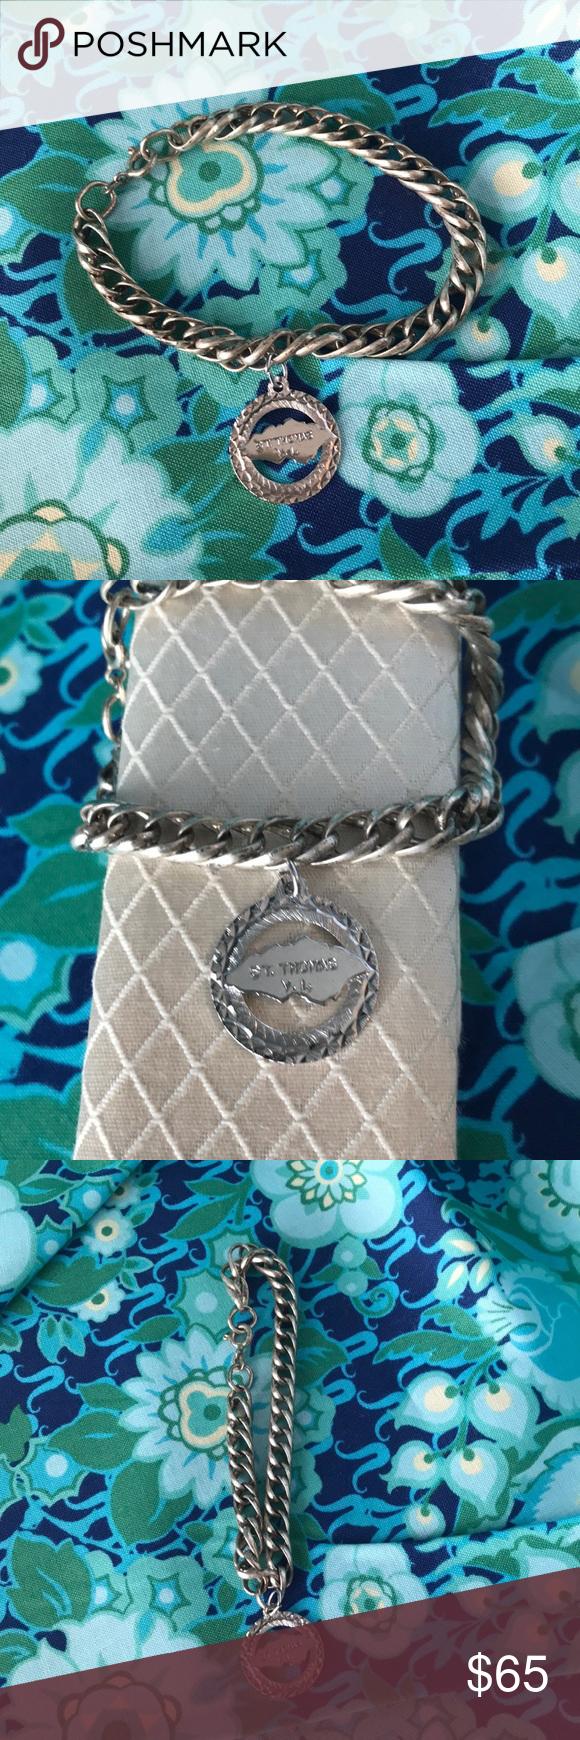 St thomas virgin islands bracelet grandpa loved him some bling this